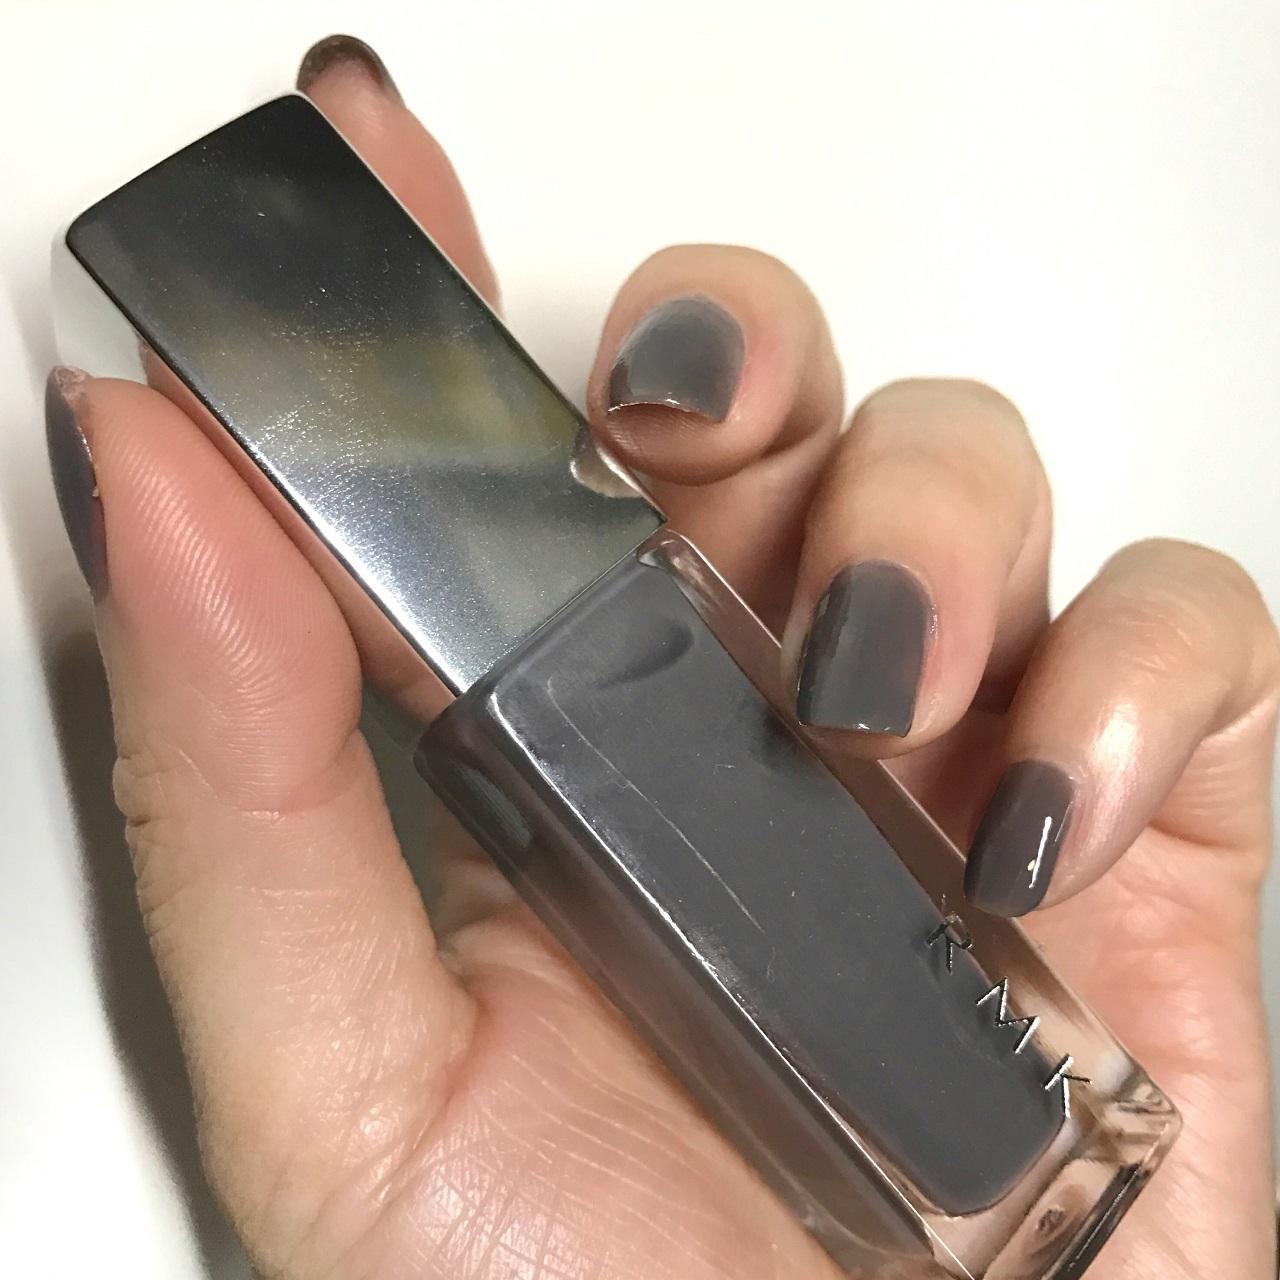 RMK Nail Polish 11(CL) Hushed Violet nail swatch